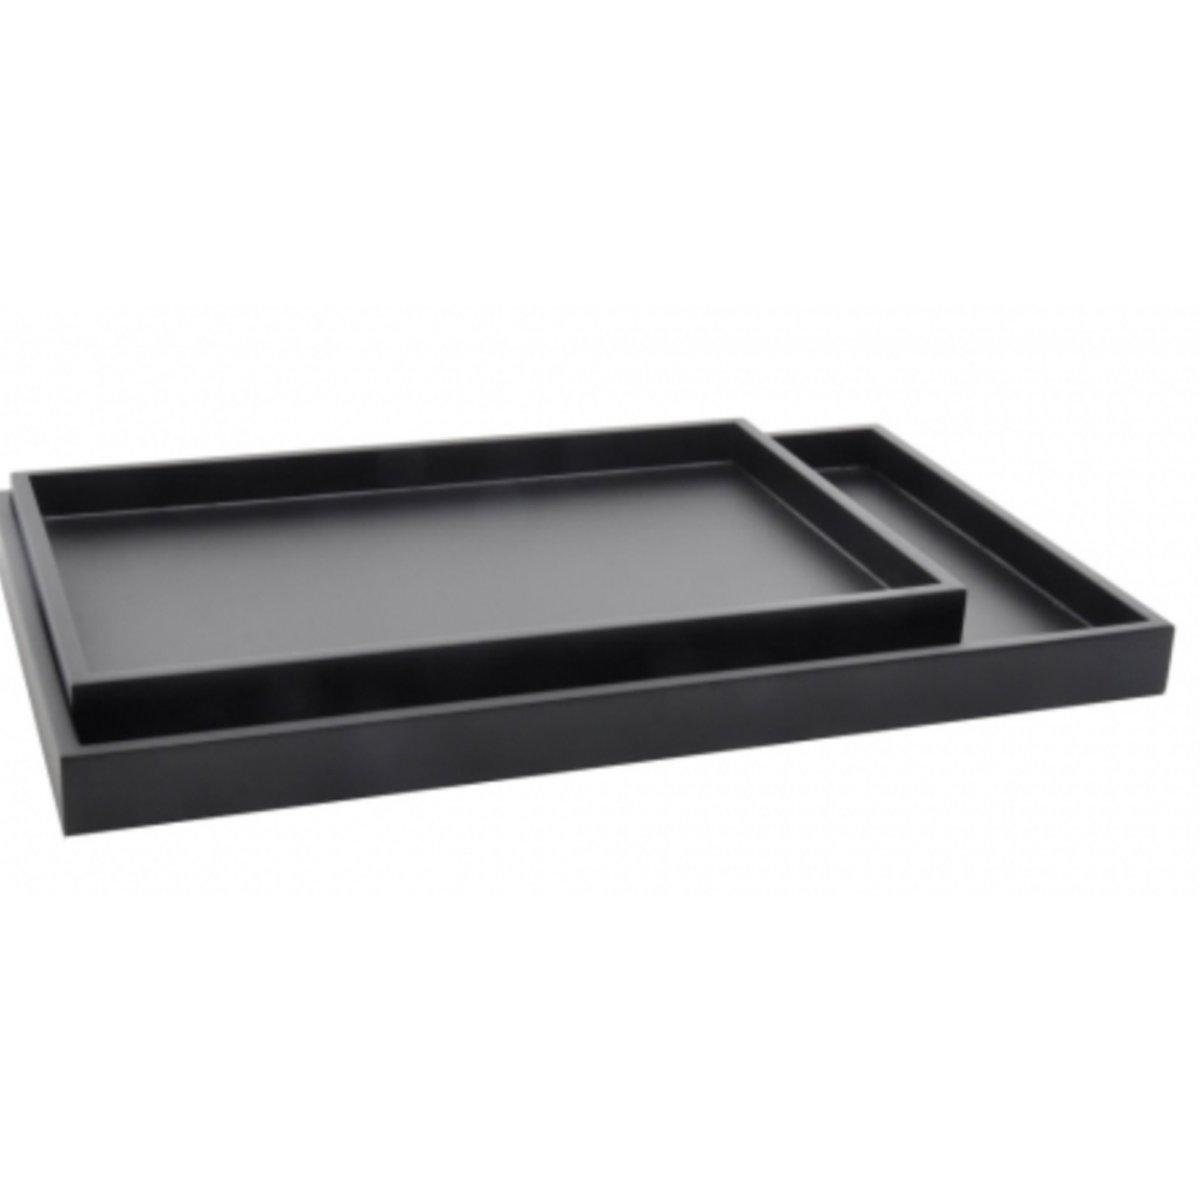 XLBoom Low tray zwart set van 2 rechthoekige dienbladen